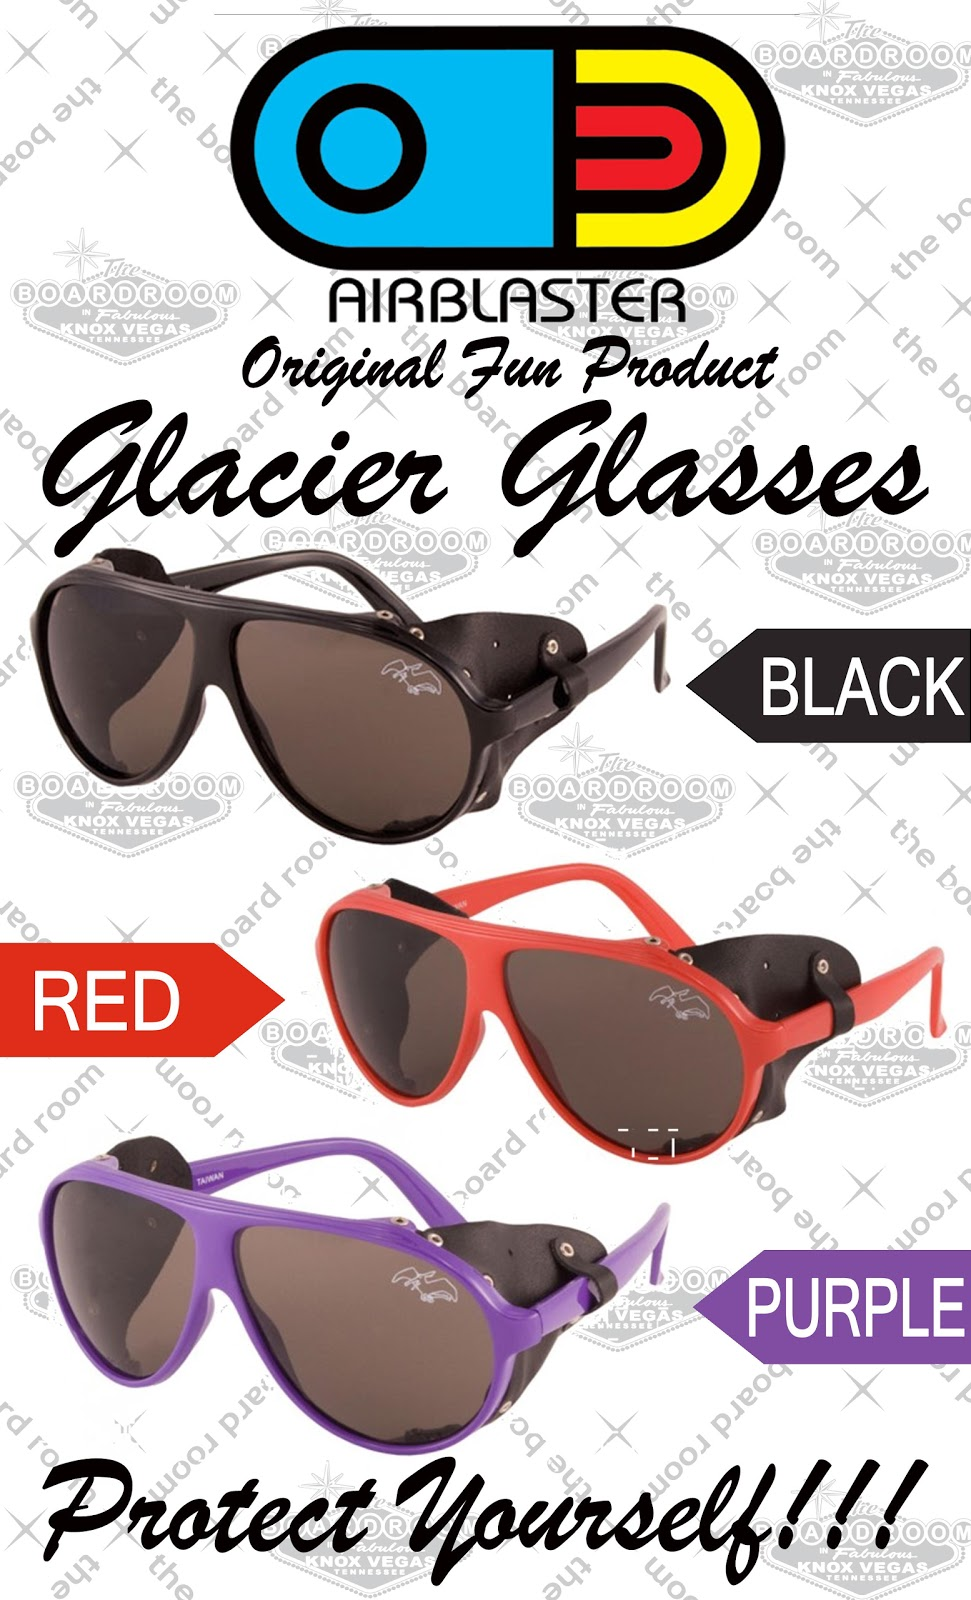 17cb0702730 The Board Room  AIRBLASTER GLACIER GLASSES